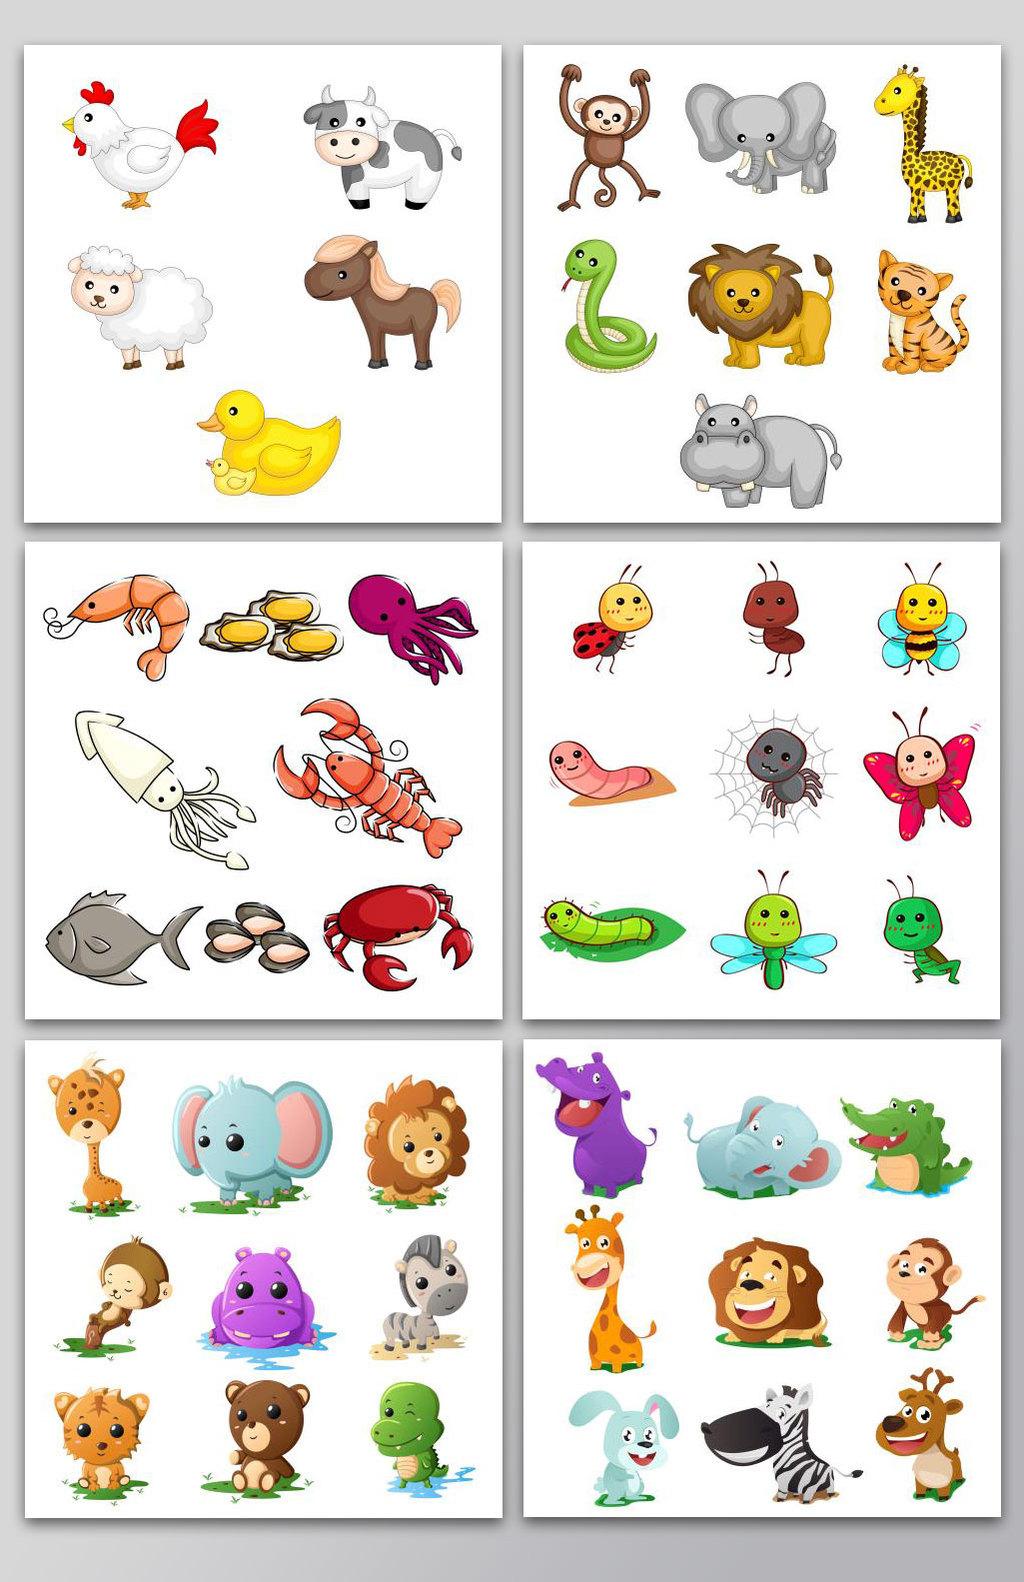 多款手绘卡通小动物图片设计素材_高清ai模板下载(2.